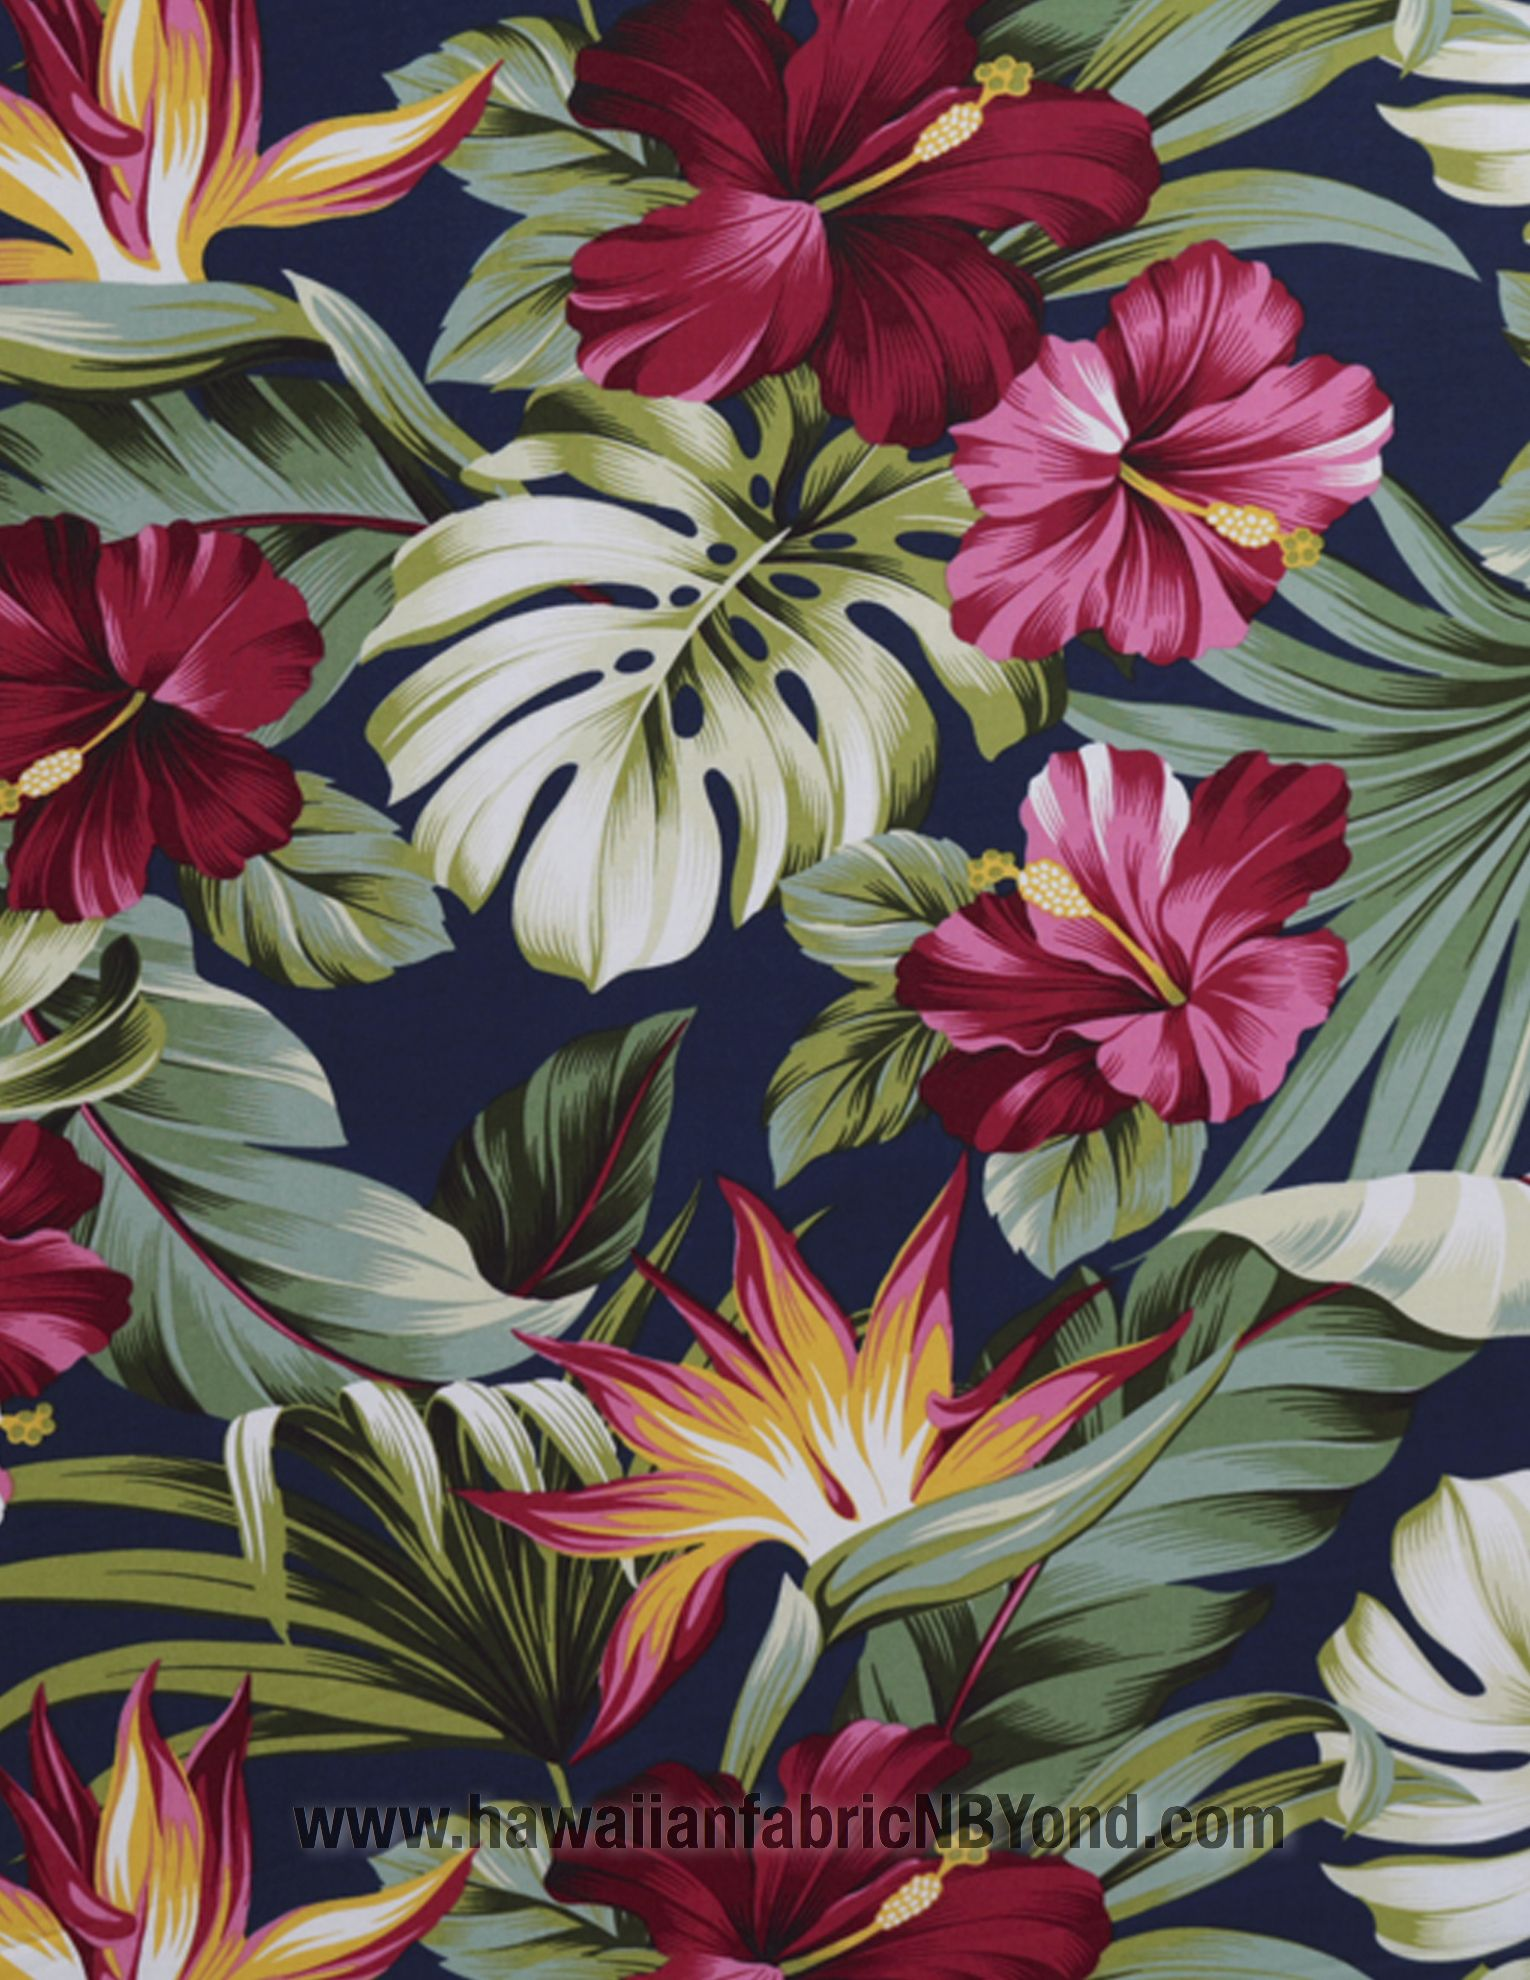 Rayon Hawaiian fabric: Beautiful tropical flowers and ... - photo#14